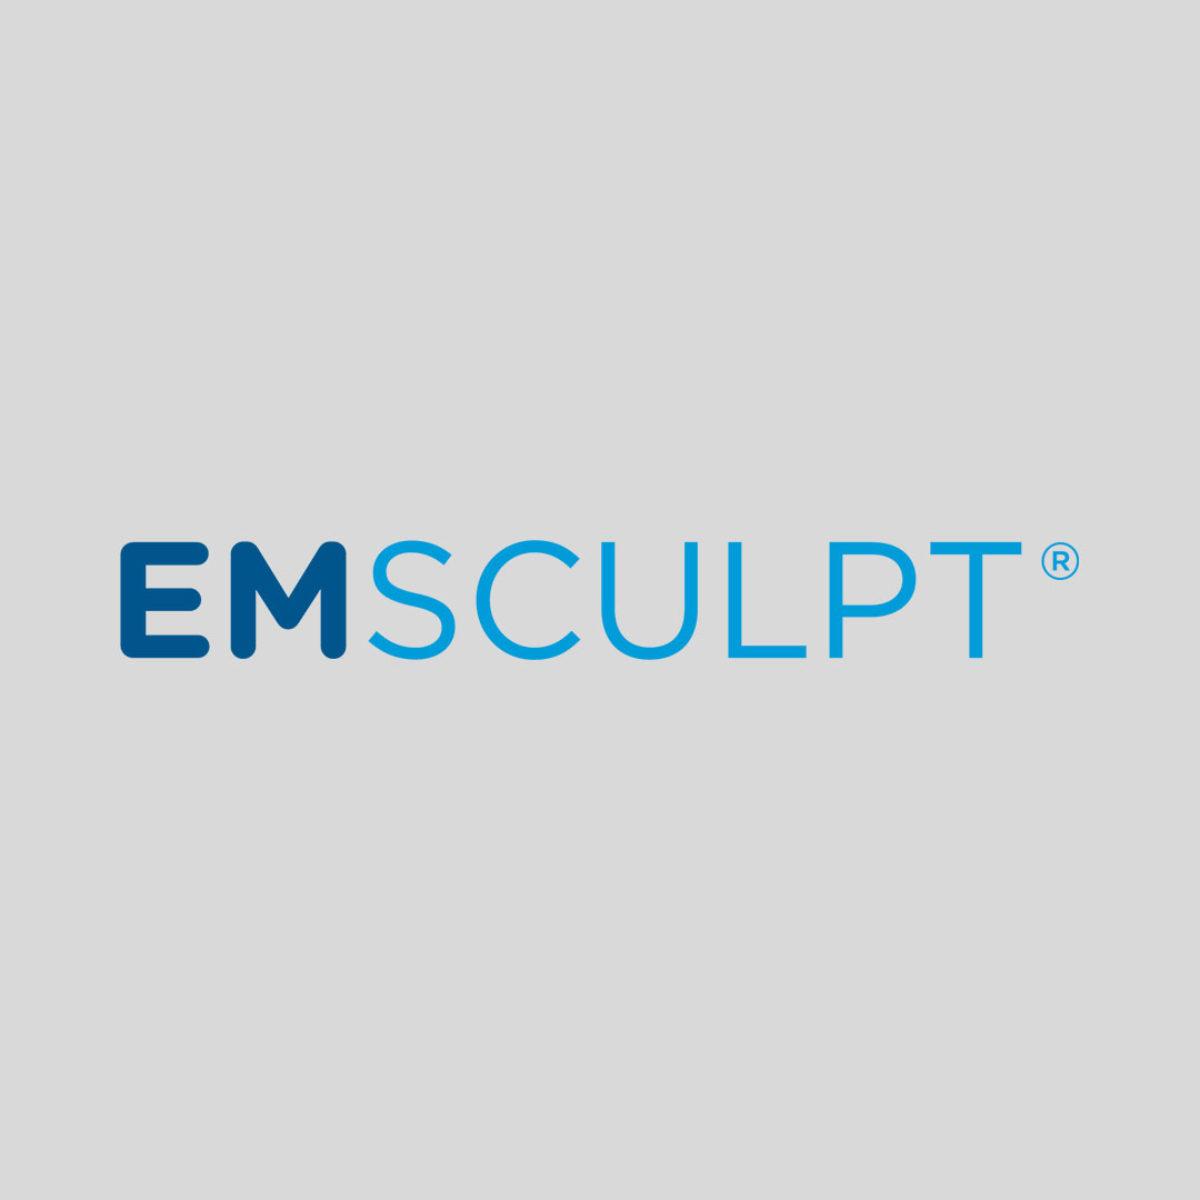 EMSCULPT®